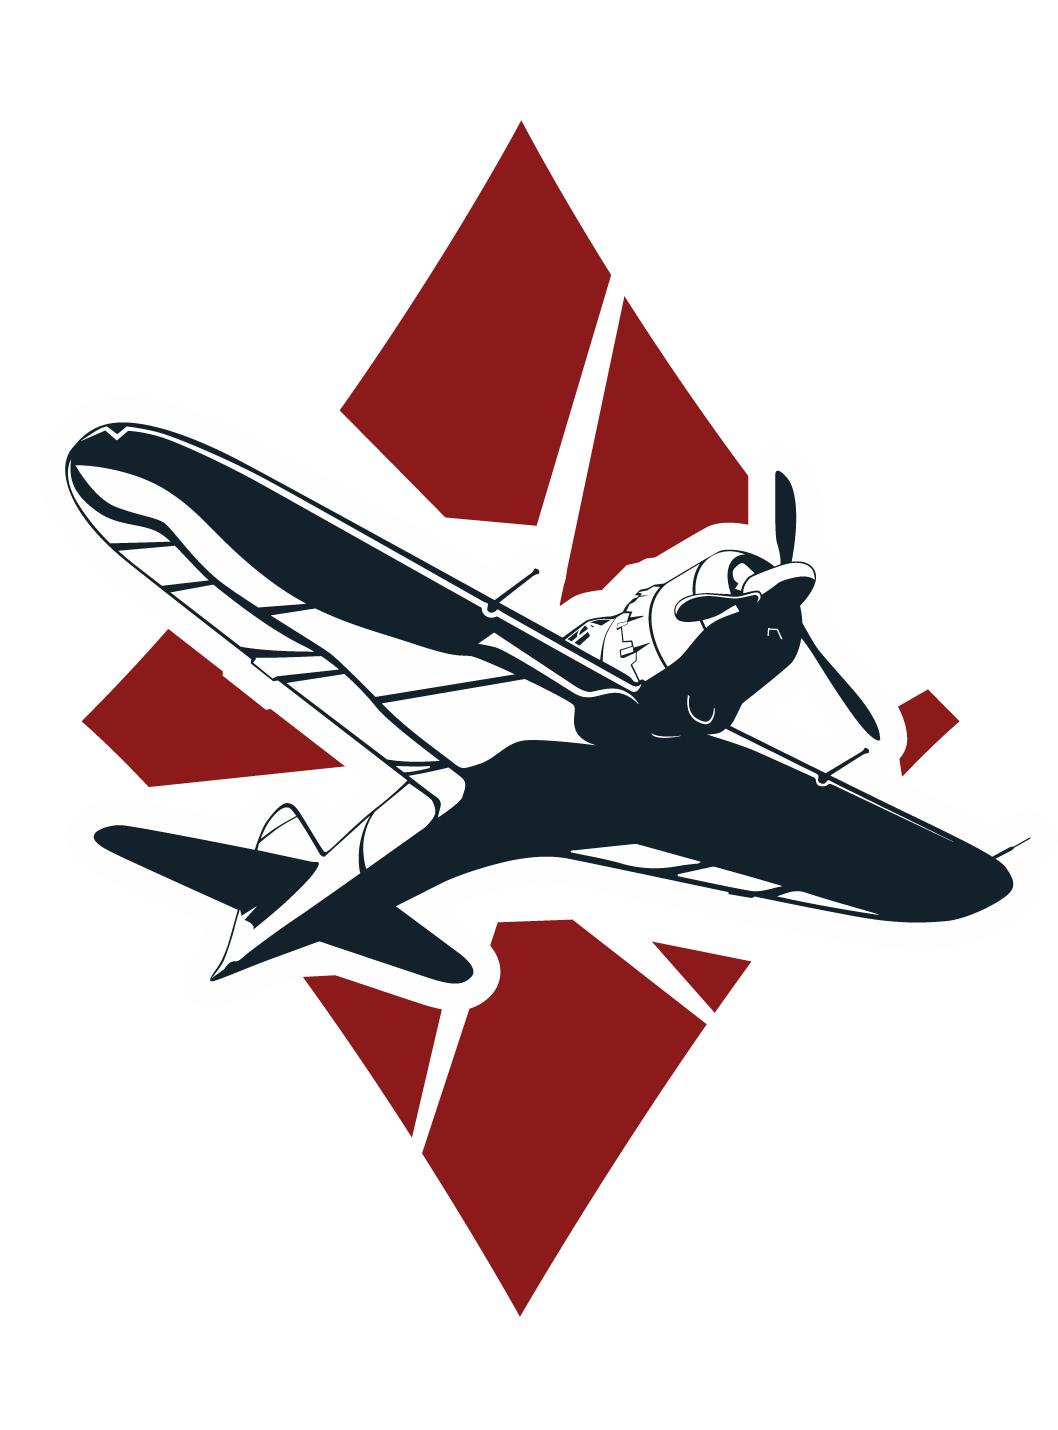 War Thunder 1.79.1.60 Project X دانلود بازی آنلاین تانک و هواپیما جنگ جهانی دوم برای کامپیوتر